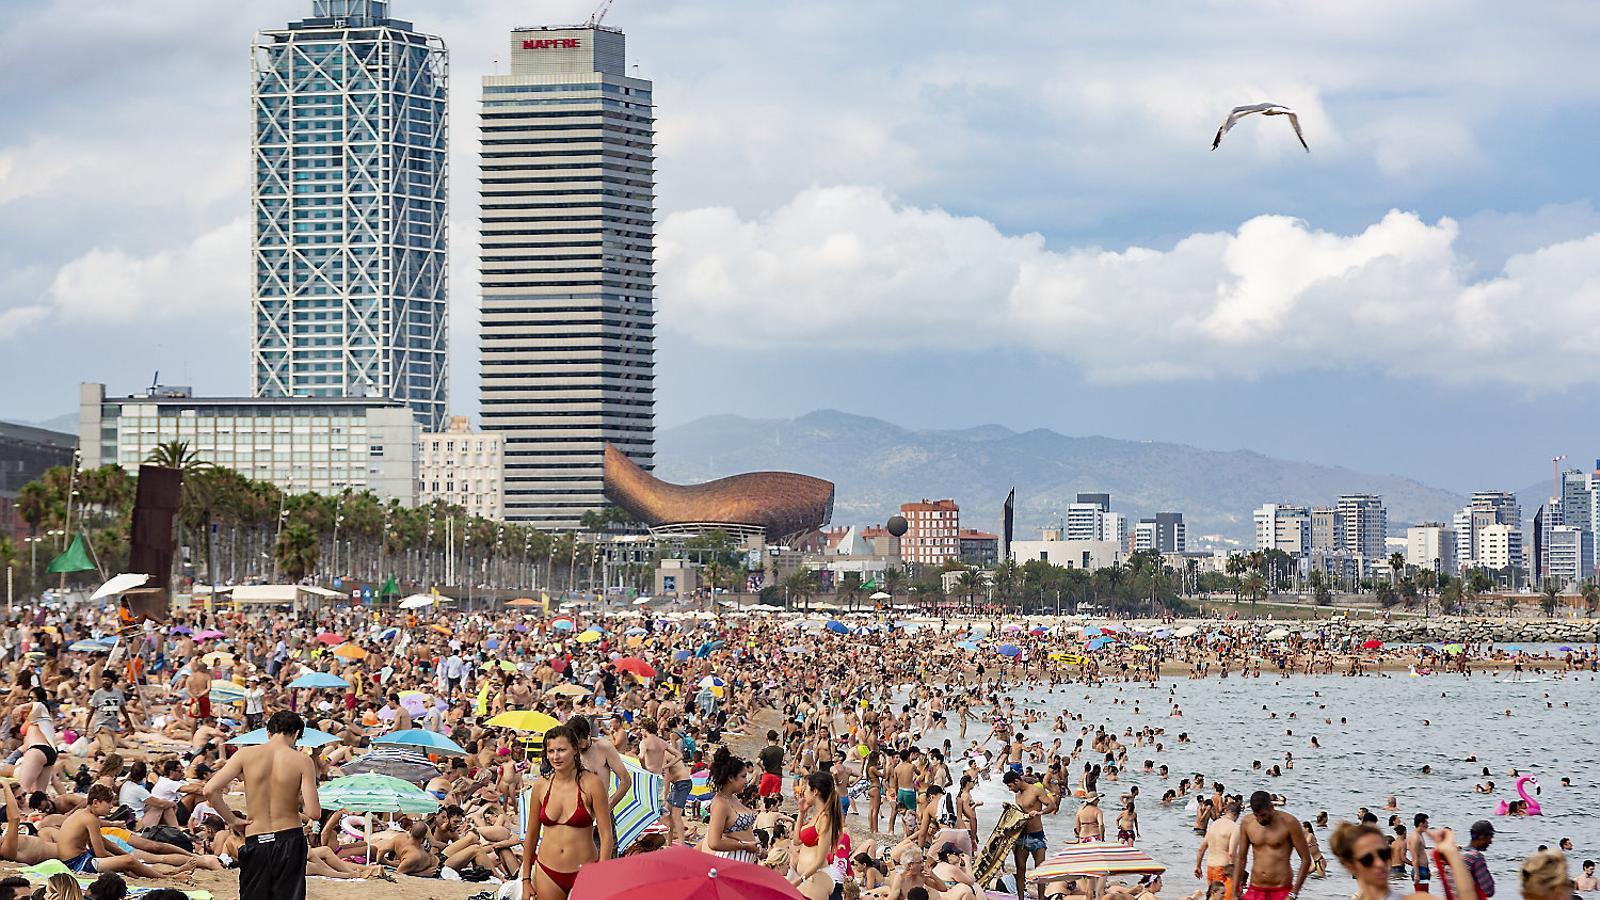 La despesa turística a Catalunya creix un 7,2% el 2018 tot i que el nombre de visitants es manté estable